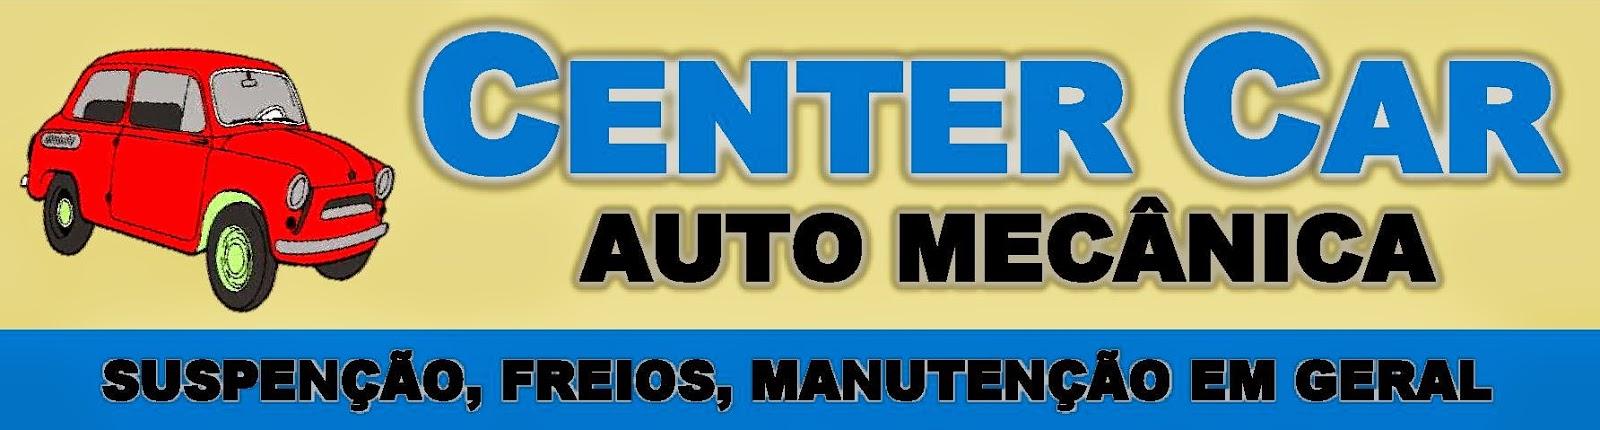 CENTER CAR AUTO MECÂNICA SUSPENSÃO, FREIOS, MANUTENÇÃO EM GERAL Av. Julio Holtz, 209 Centro - Sarapuí - SP tel: (15) 3276-1747